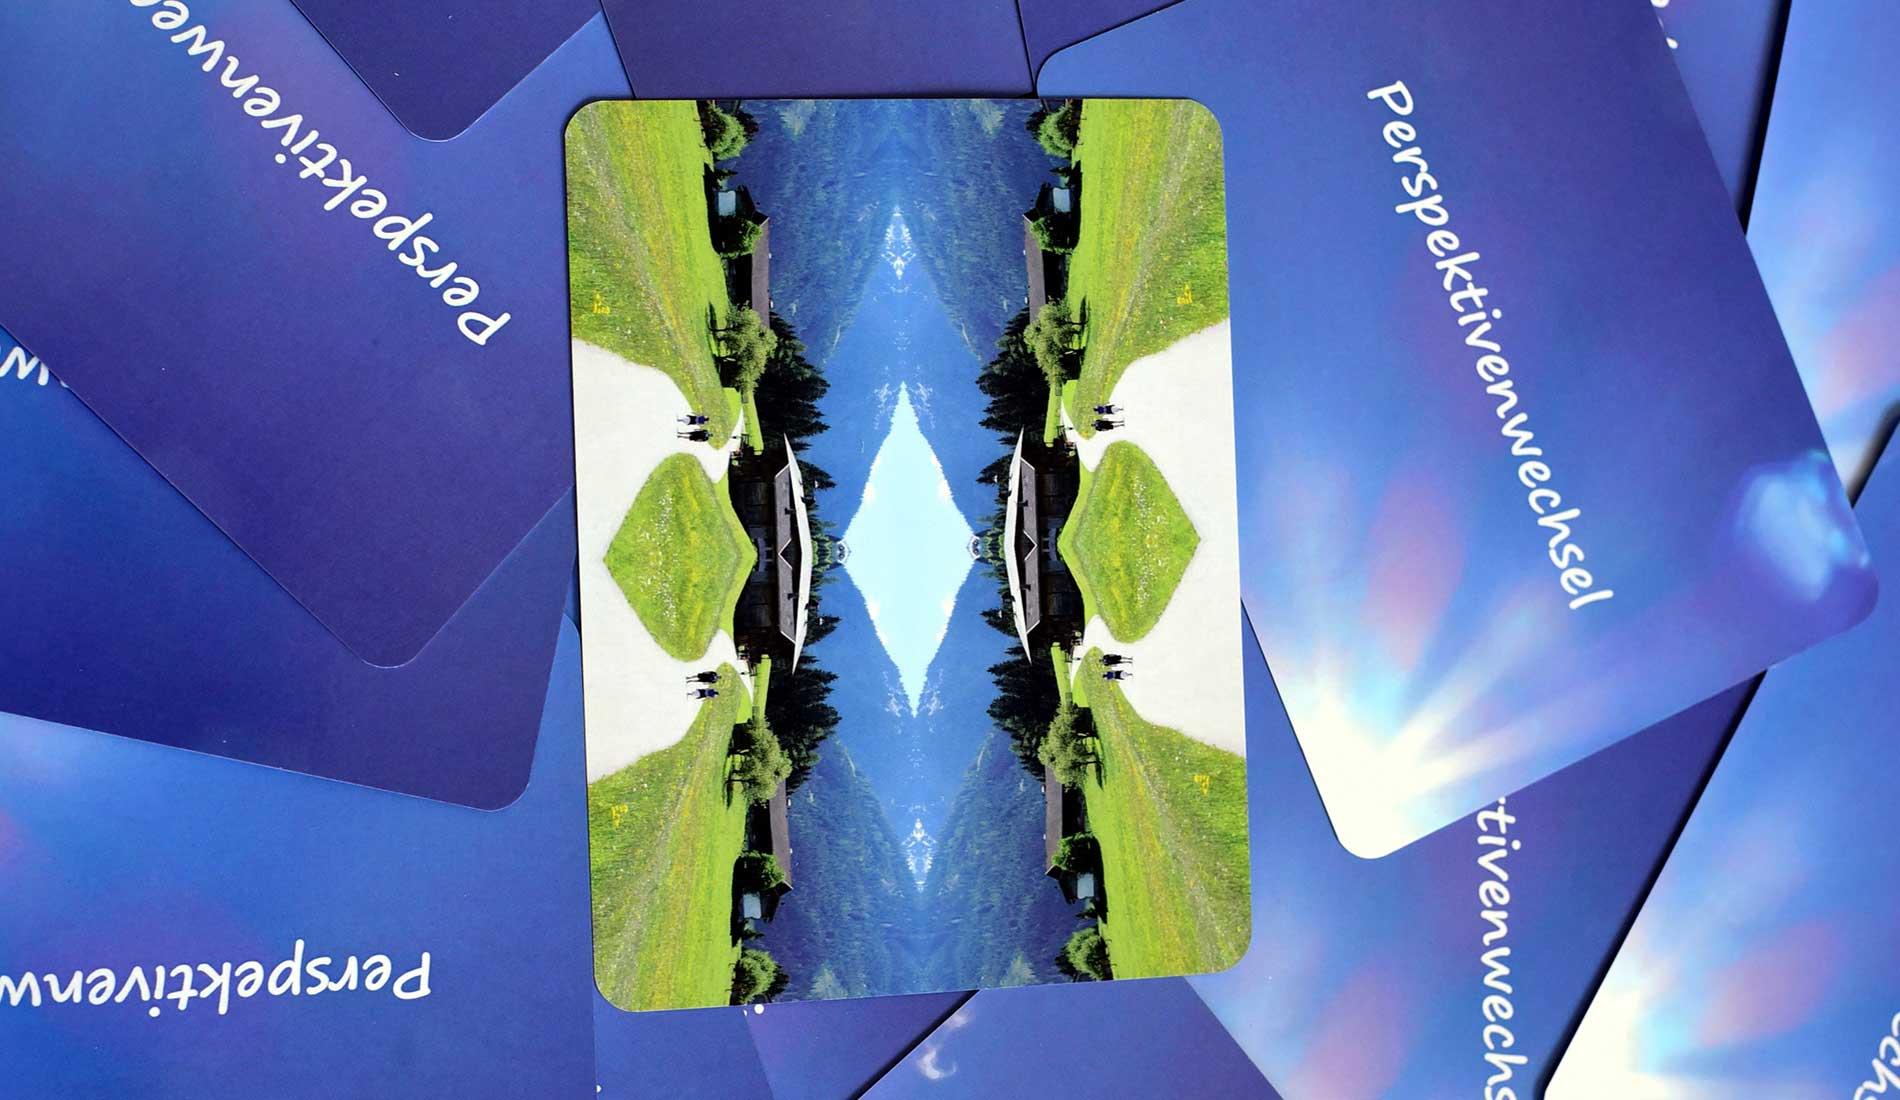 Mosaik-Perspektivenwechsel